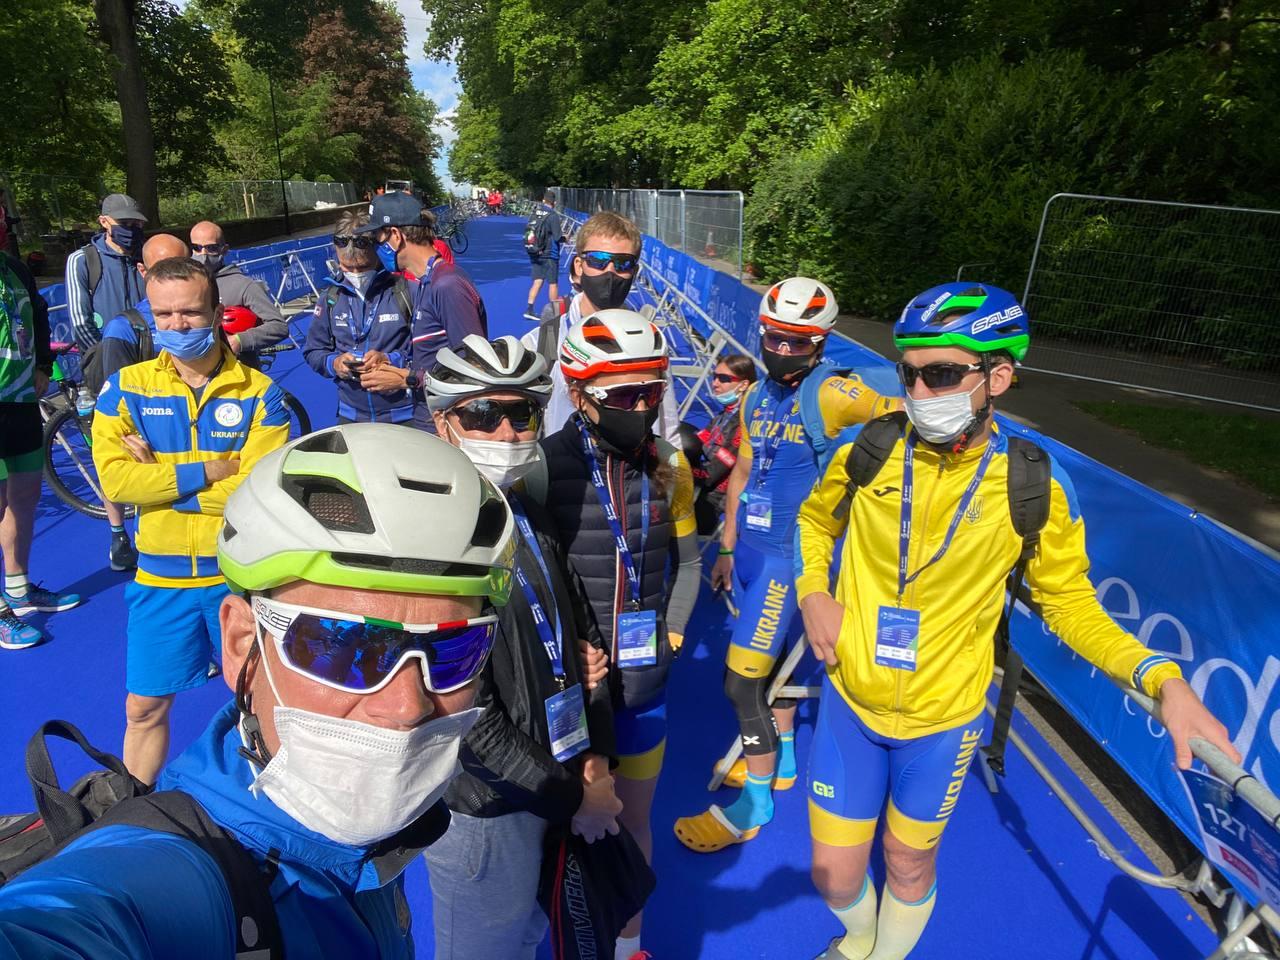 чемпіонат світу - серія з паратріатлону, Великобританія. фото